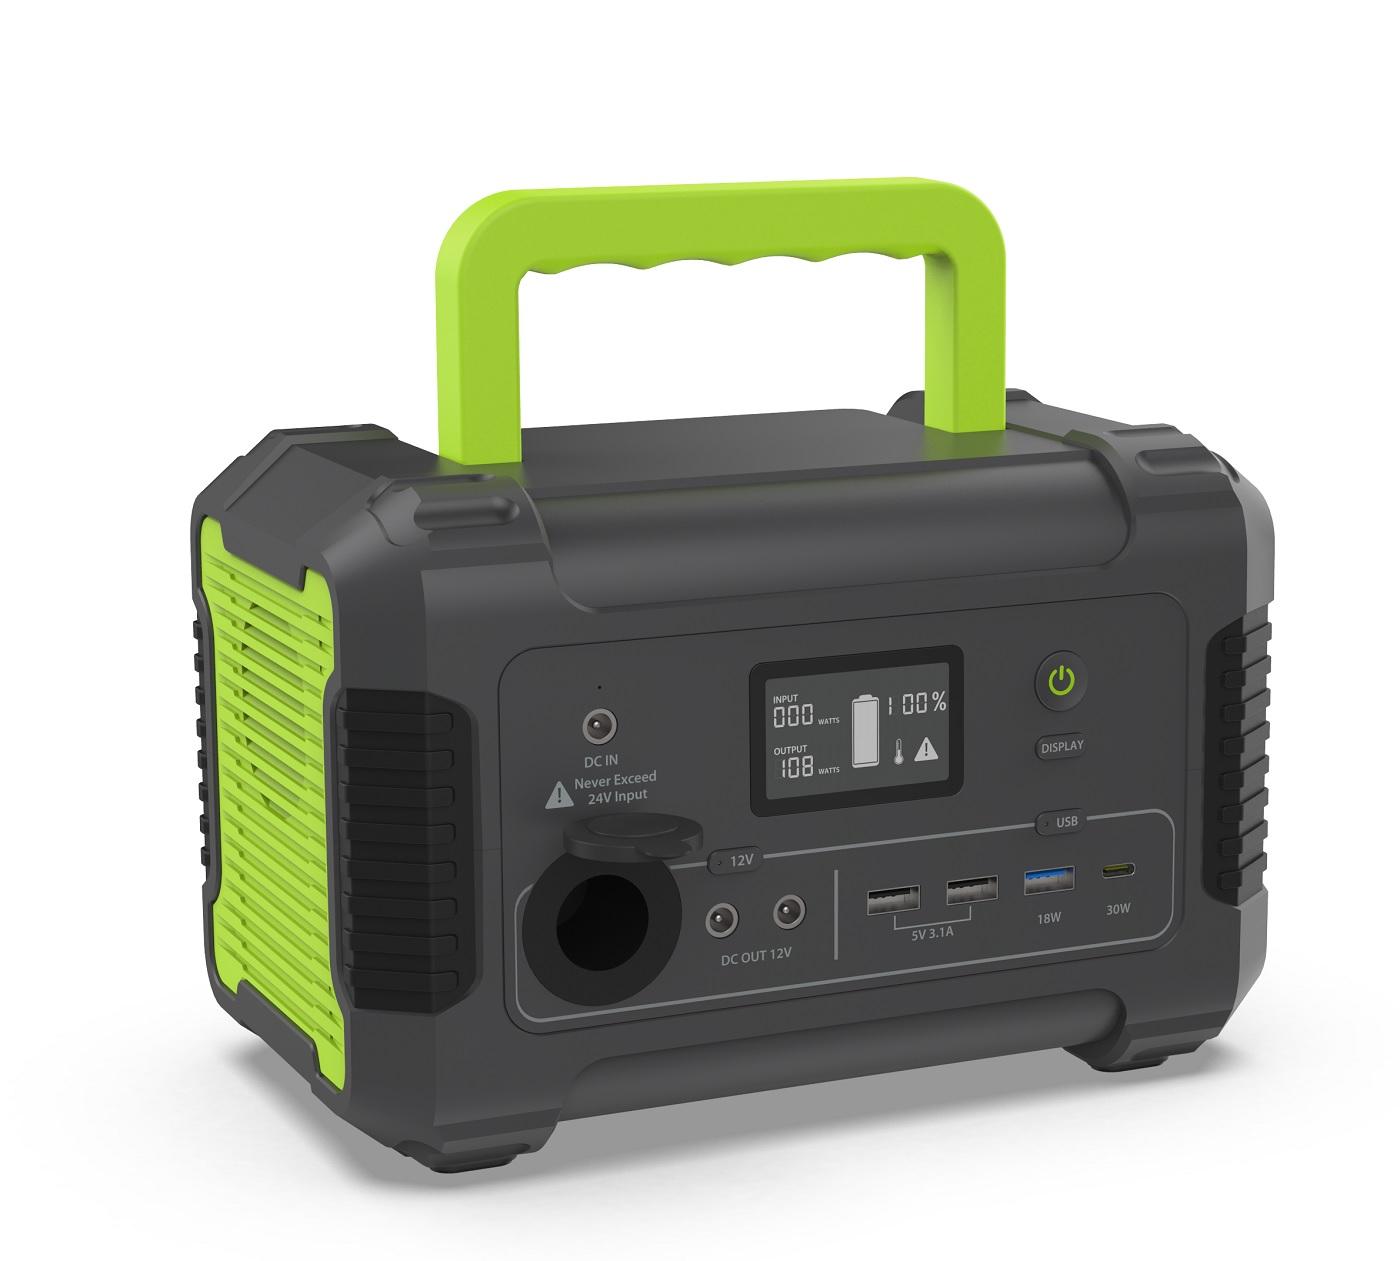 日本国内での安全性を保障するPSEを取得した製品です Taskarl TPD-T225 驚きの価格が実現 大容量ポータブル電源 大容量62400mAh 225Wh 小型軽量 PSE認証済 カーチャージャー AC DC 至高 キャンプ 緊急 USB出力対応 1年保証 災害時バックアップ用電源 タスカール ソーラー充電